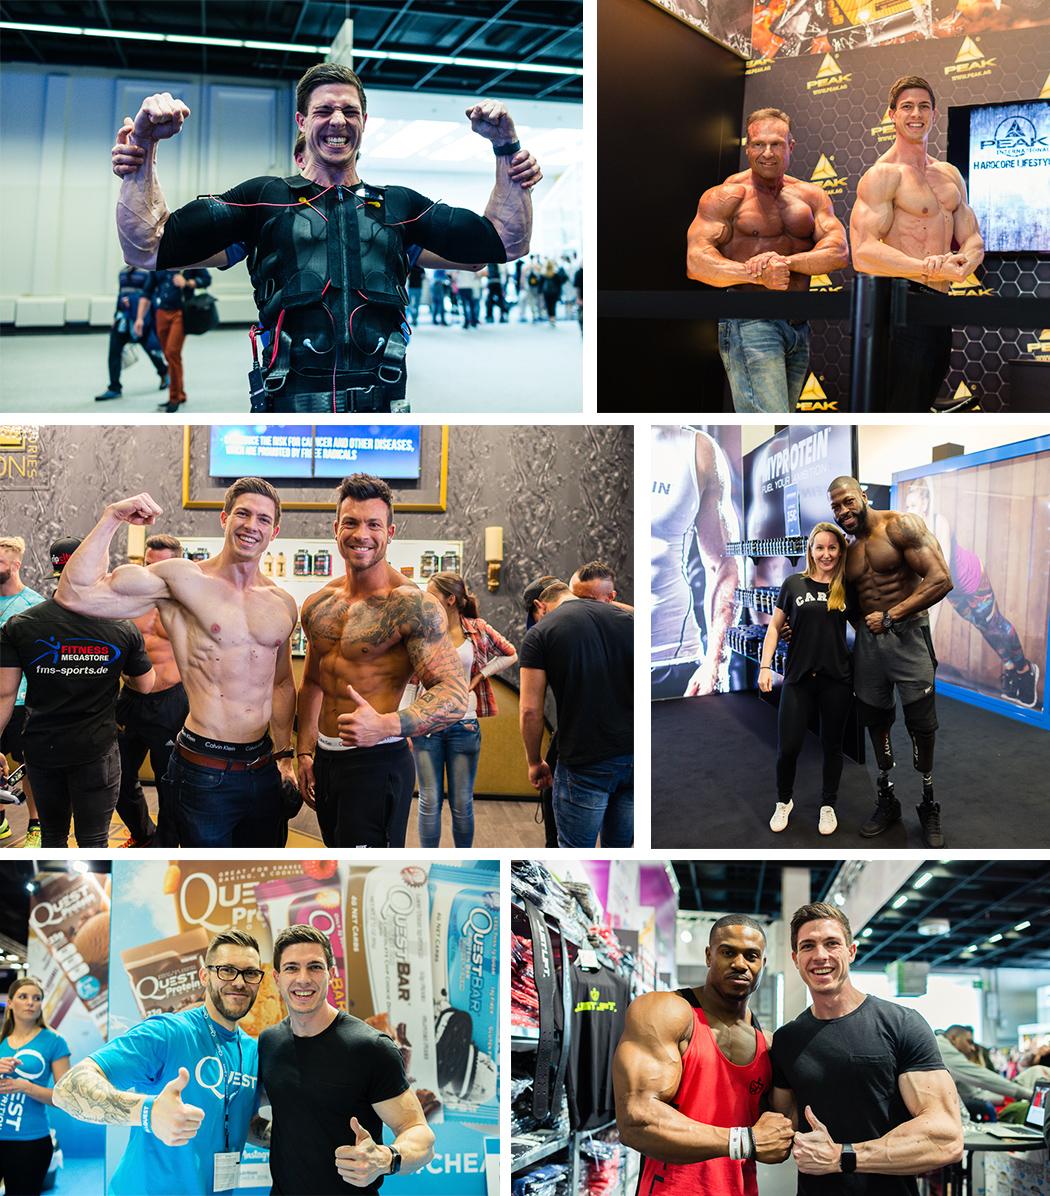 fitnessblog-fitnessblogger-fitness-blog-blogger-stuttgart-dreamteamfitness-unser-jahr-2016_2